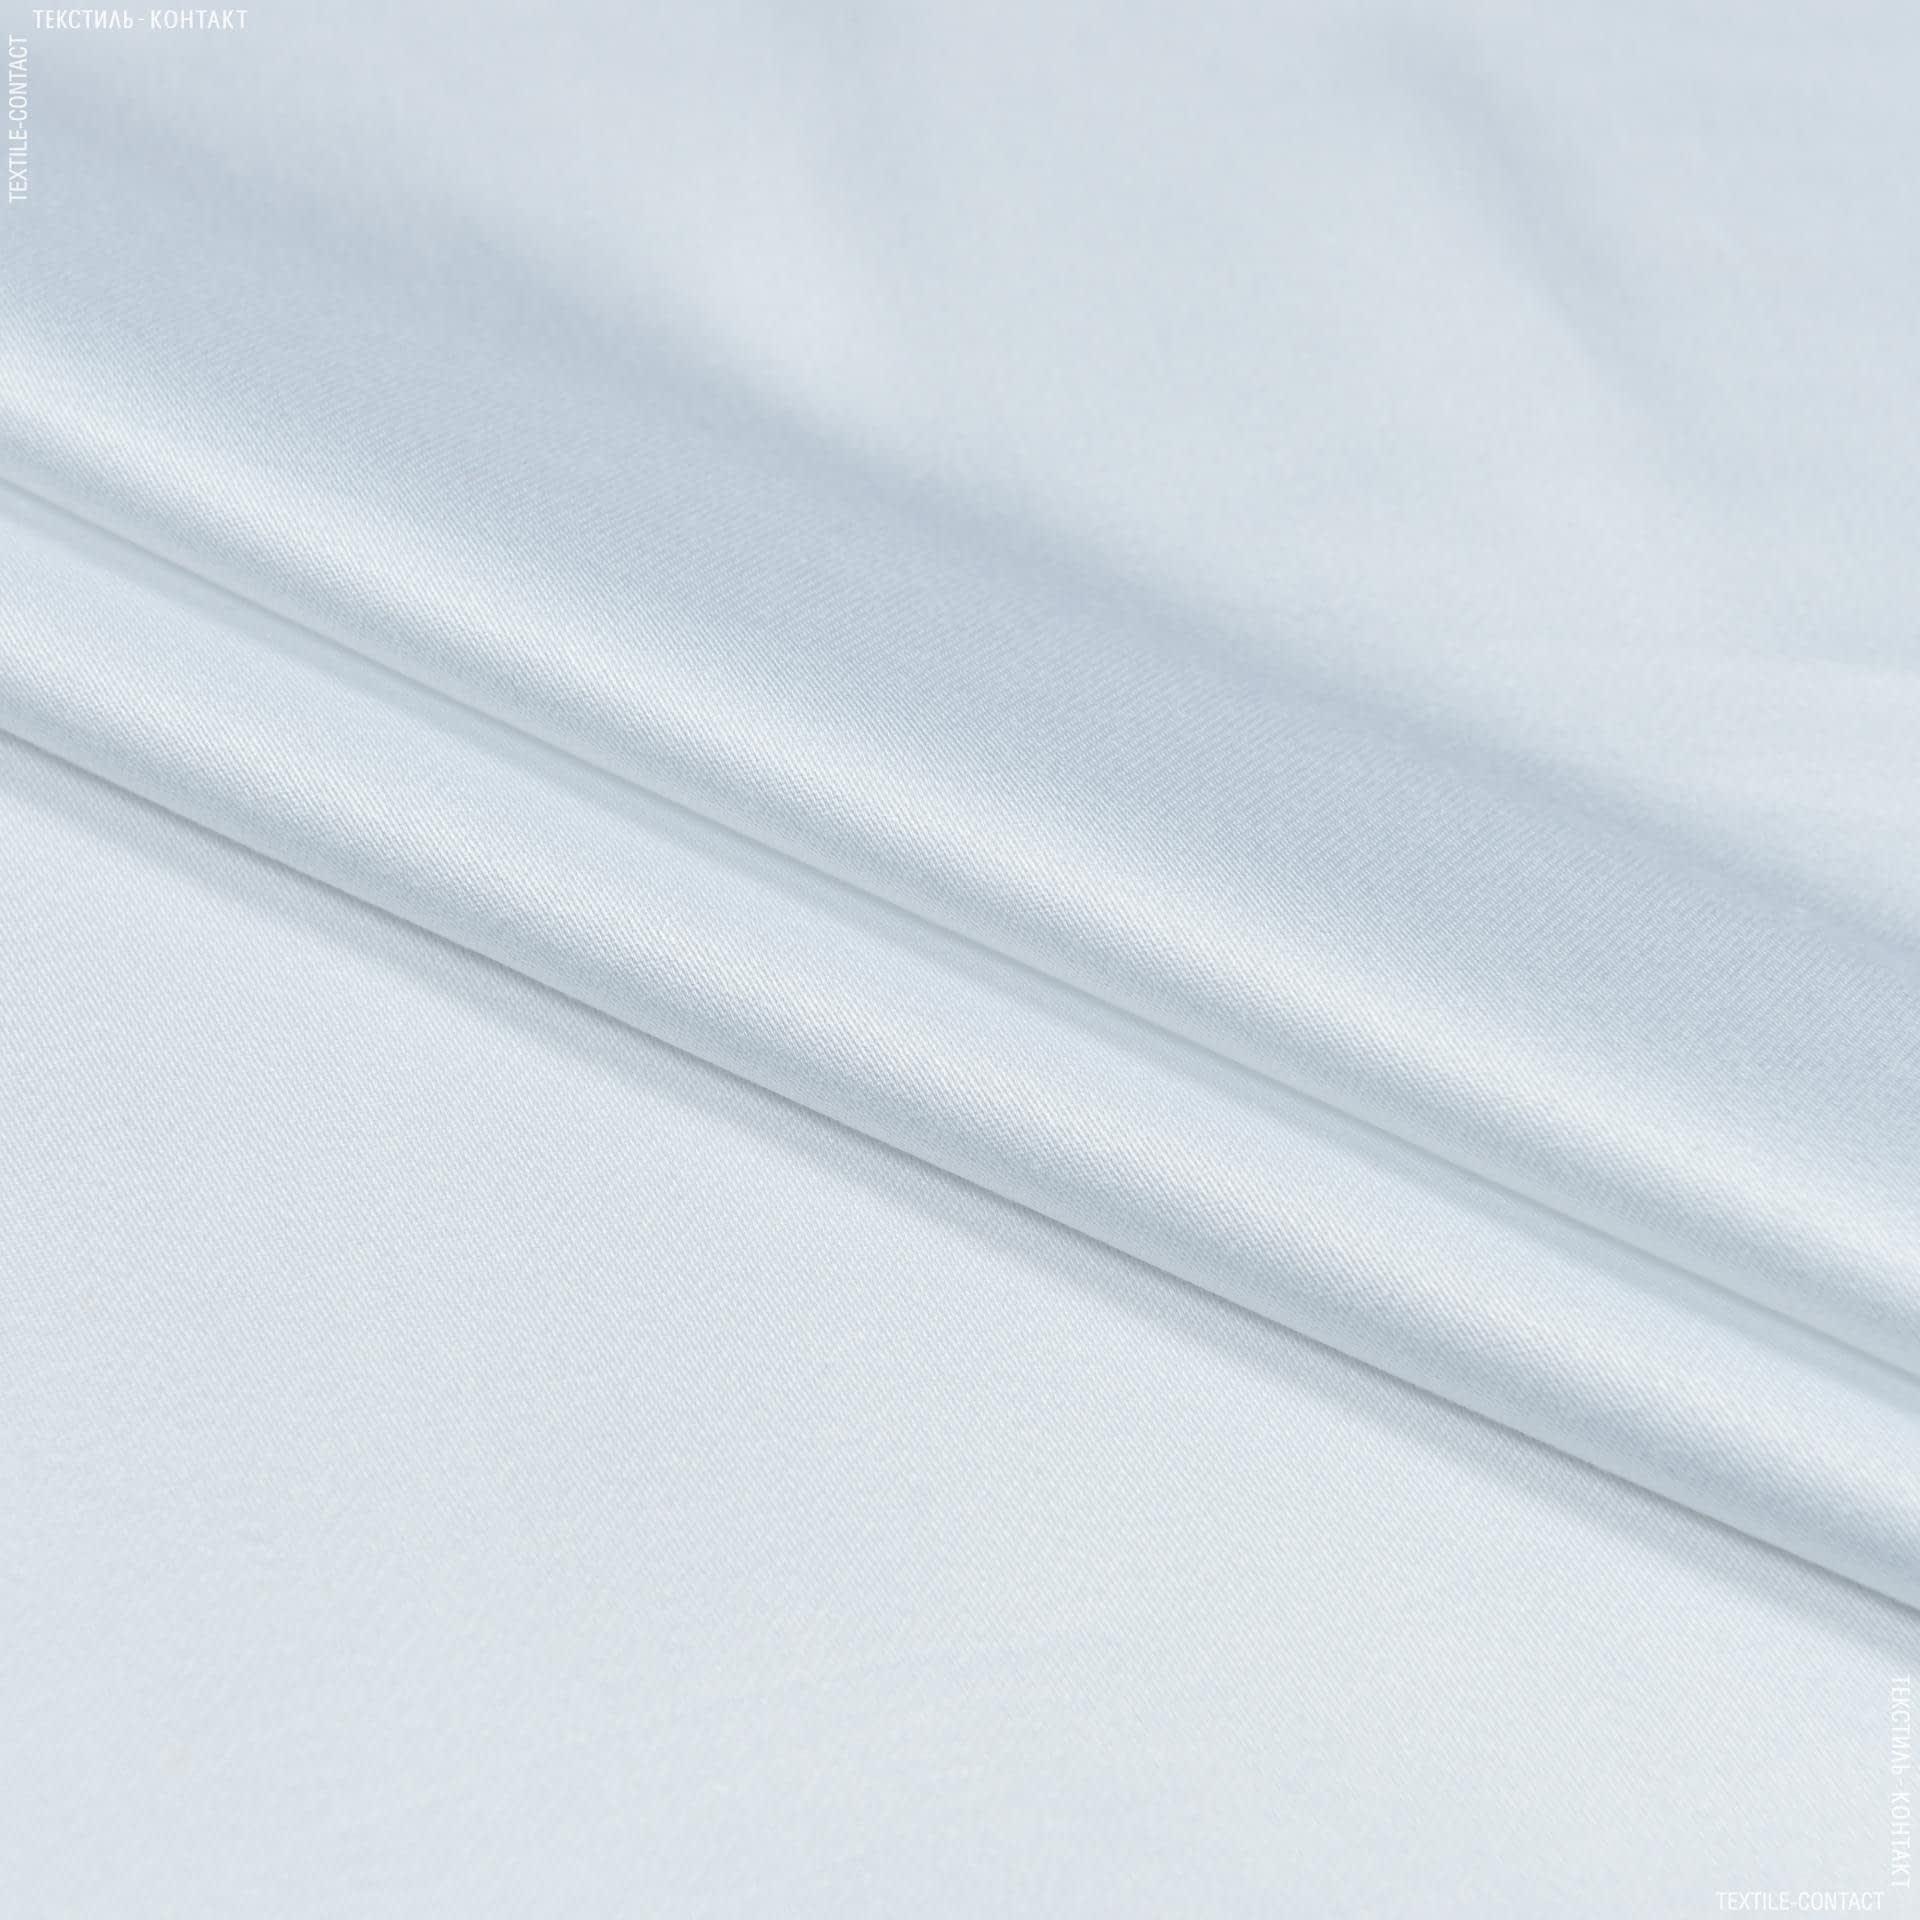 Тканини для костюмів - Костюмний сатин білий